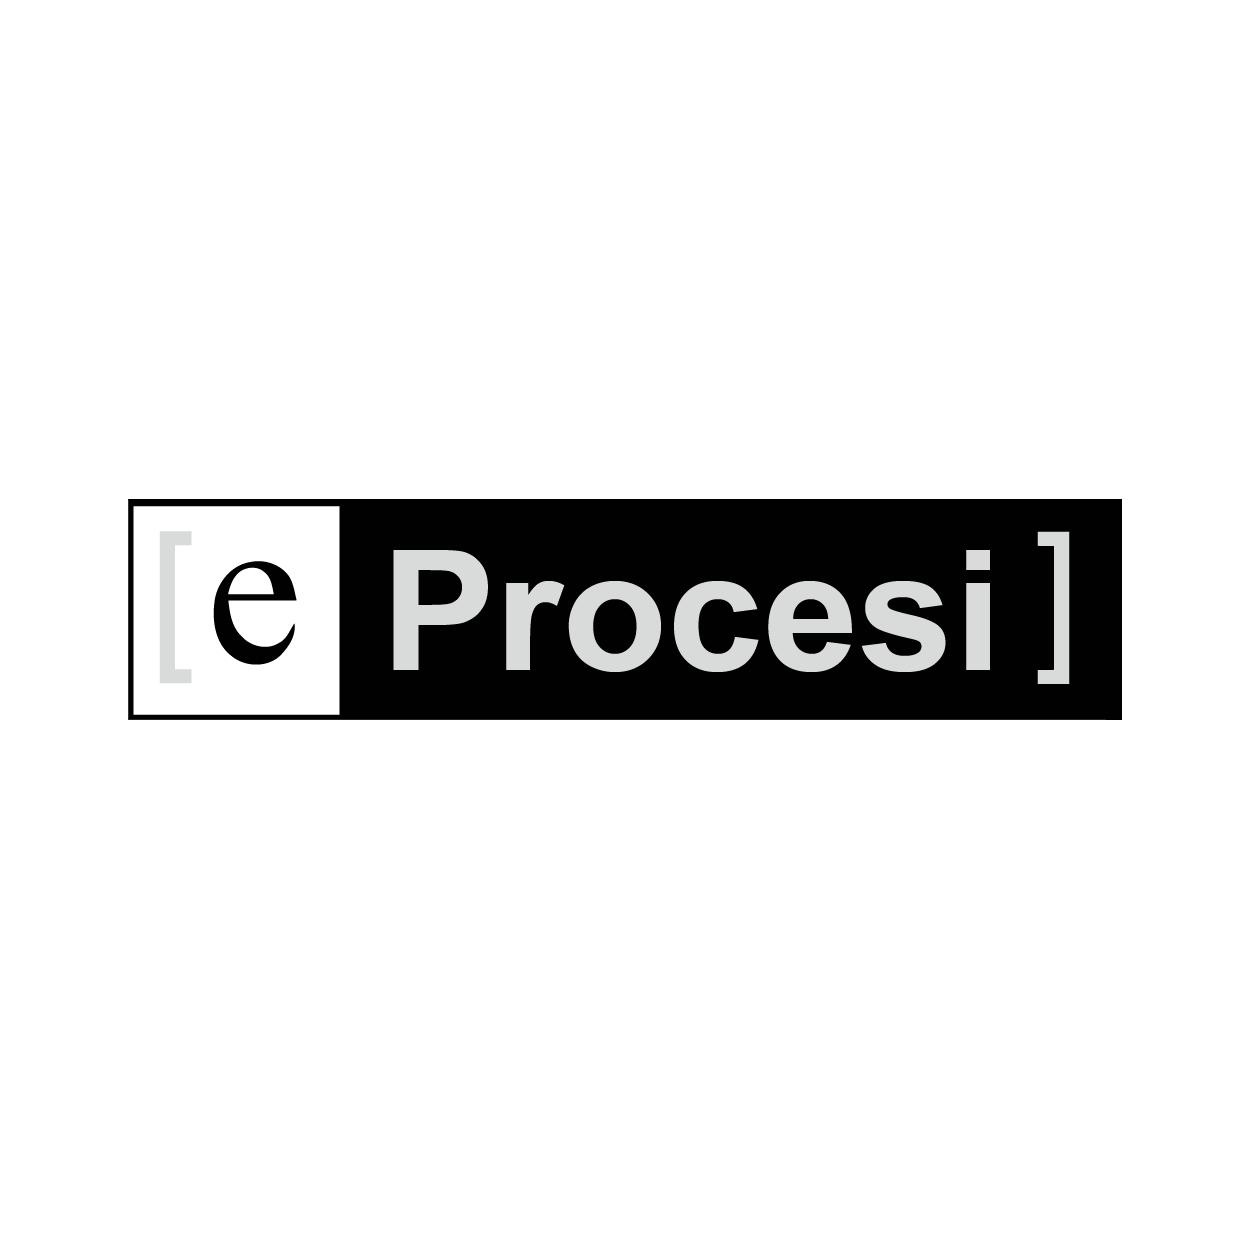 e-Procesi